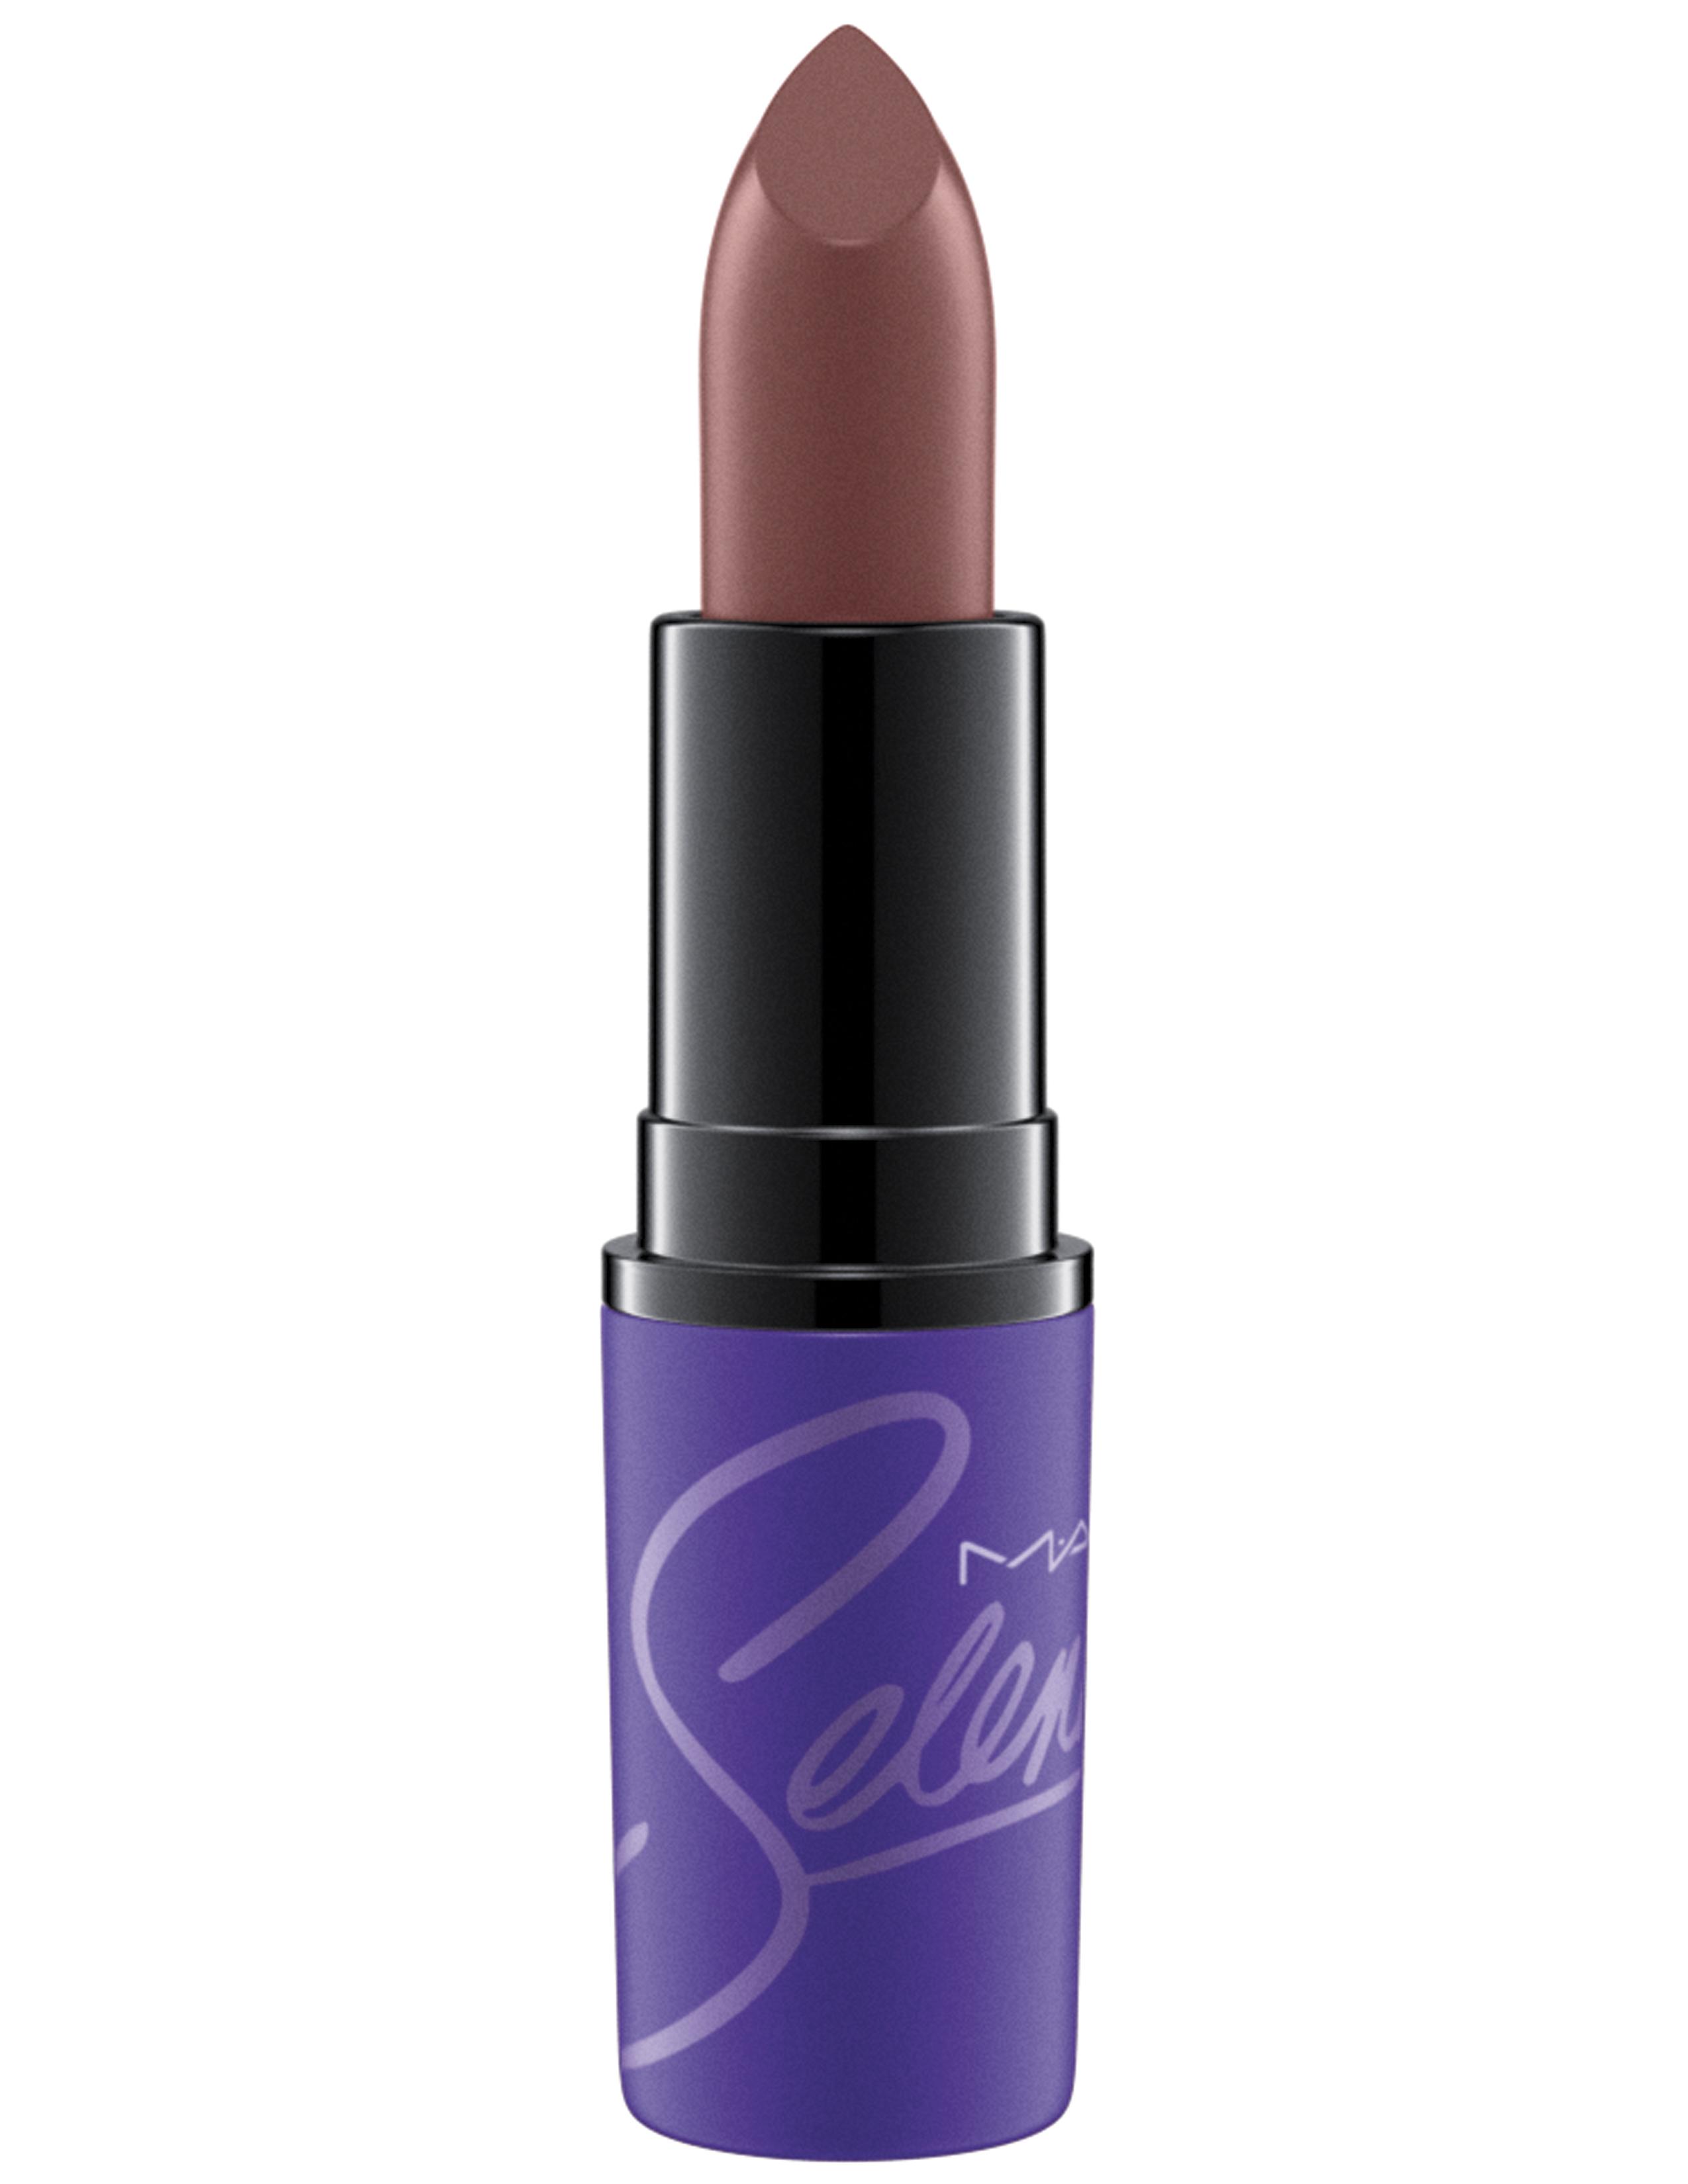 mac_selena_lipstick_amorprohibido_300dpicmyk_1